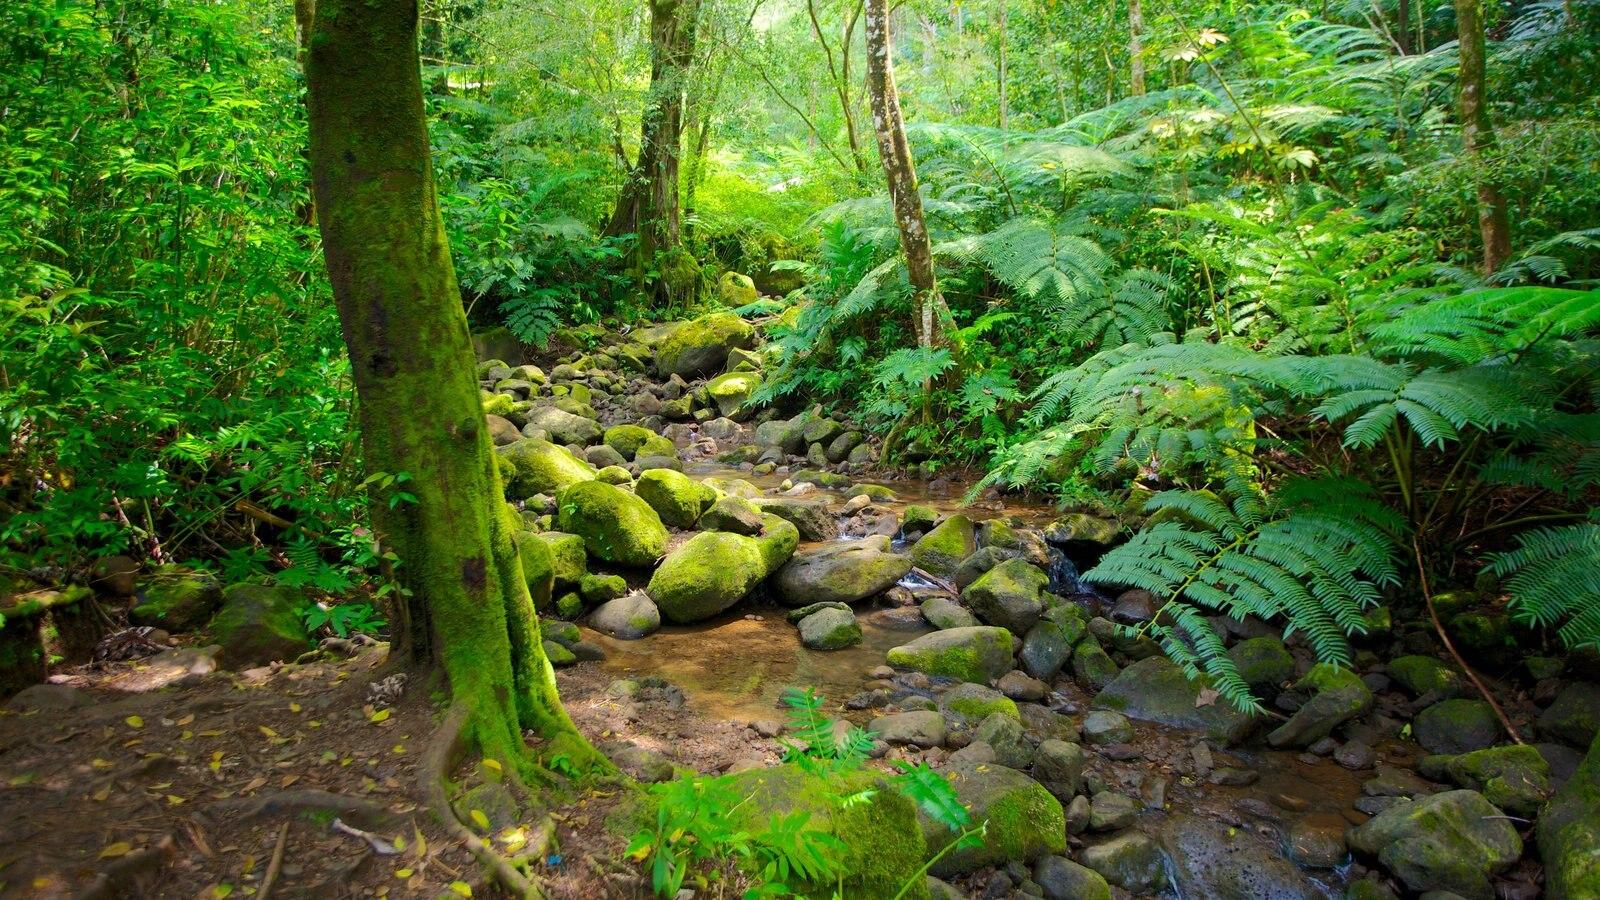 Honolulu que inclui cenas de floresta, floresta tropical e paisagem